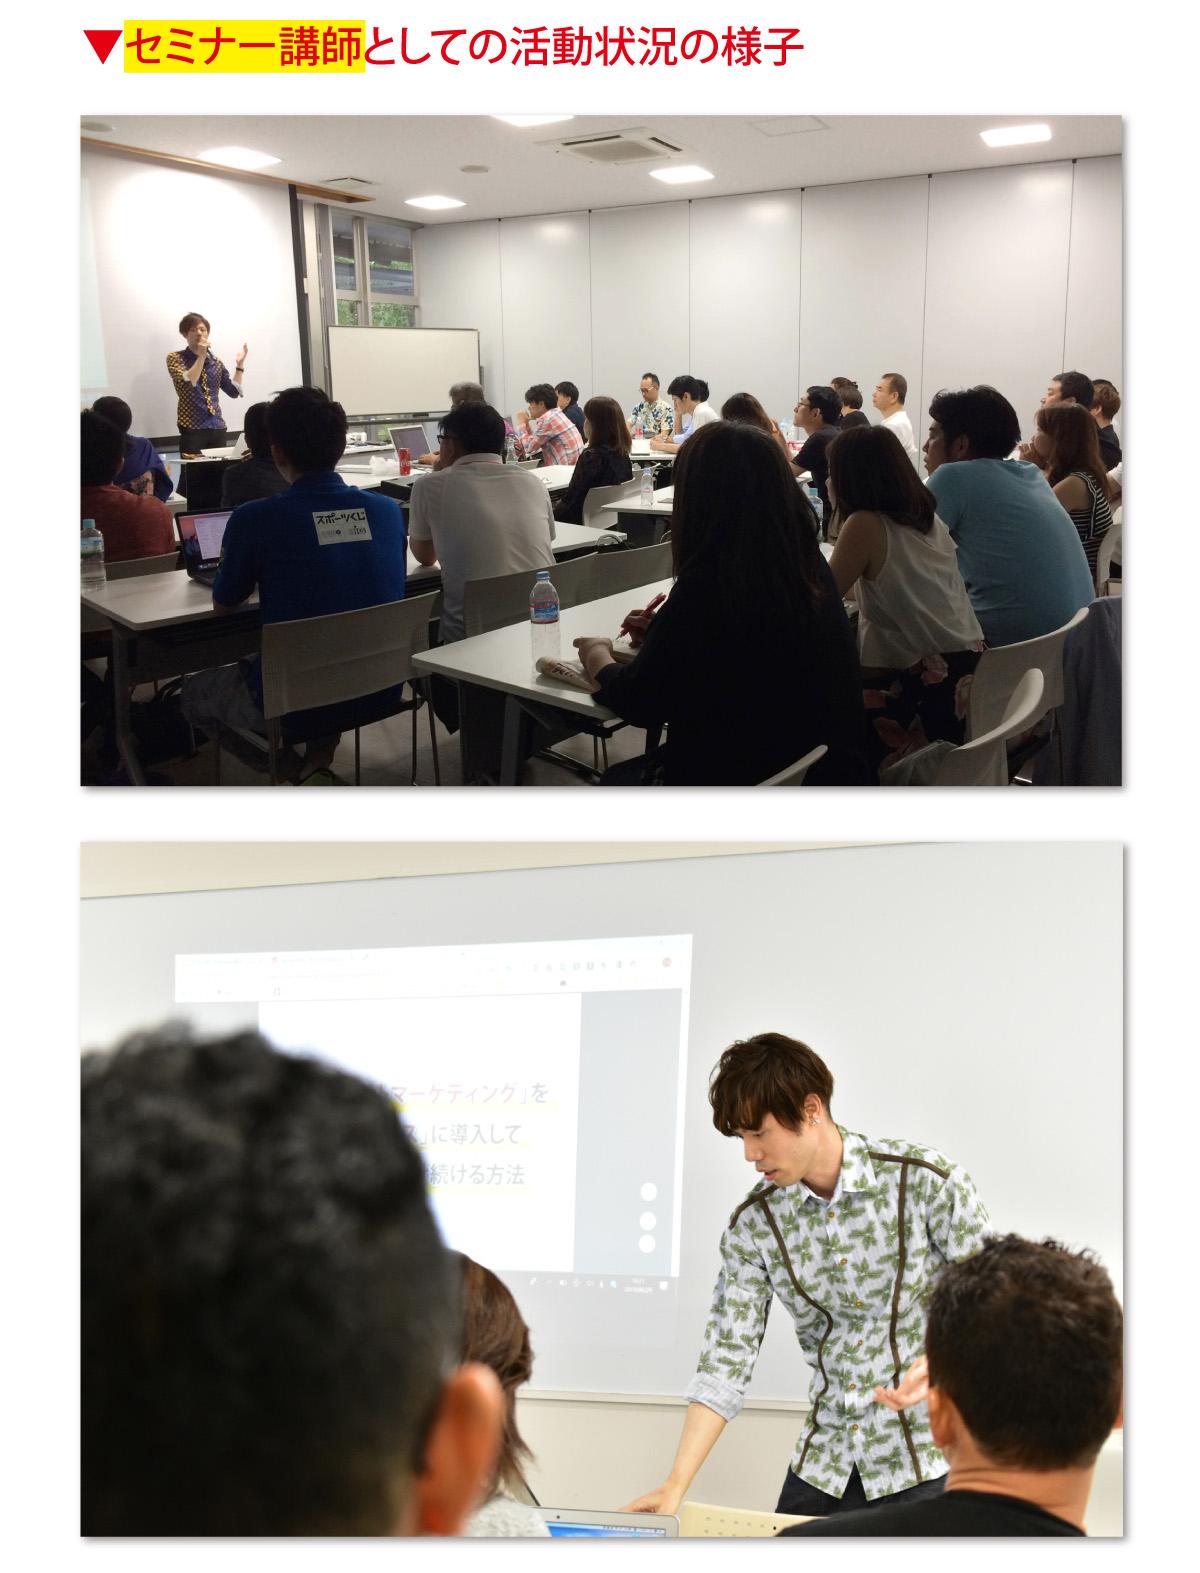 nakamurakouichi_webagent_6